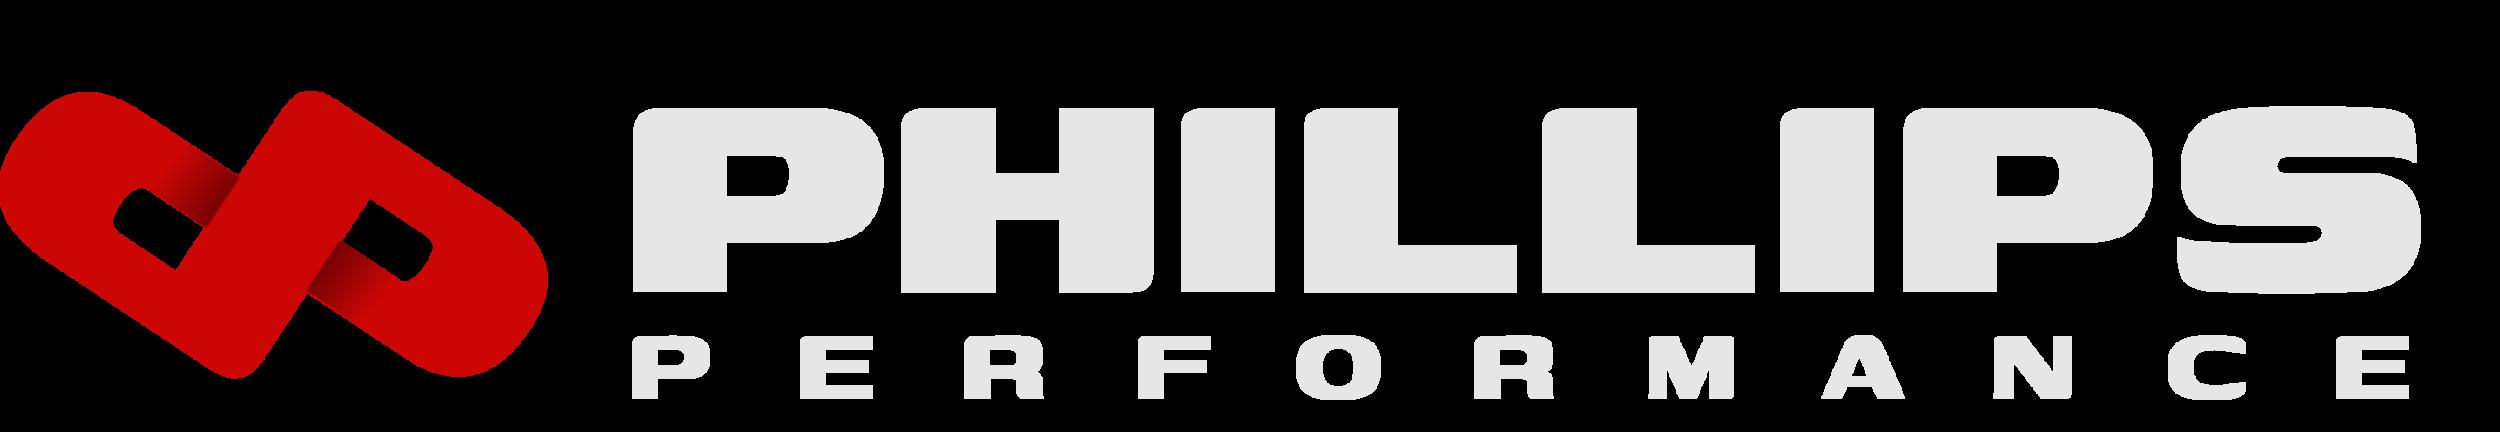 PhillipsPerformanceLogo_White.png